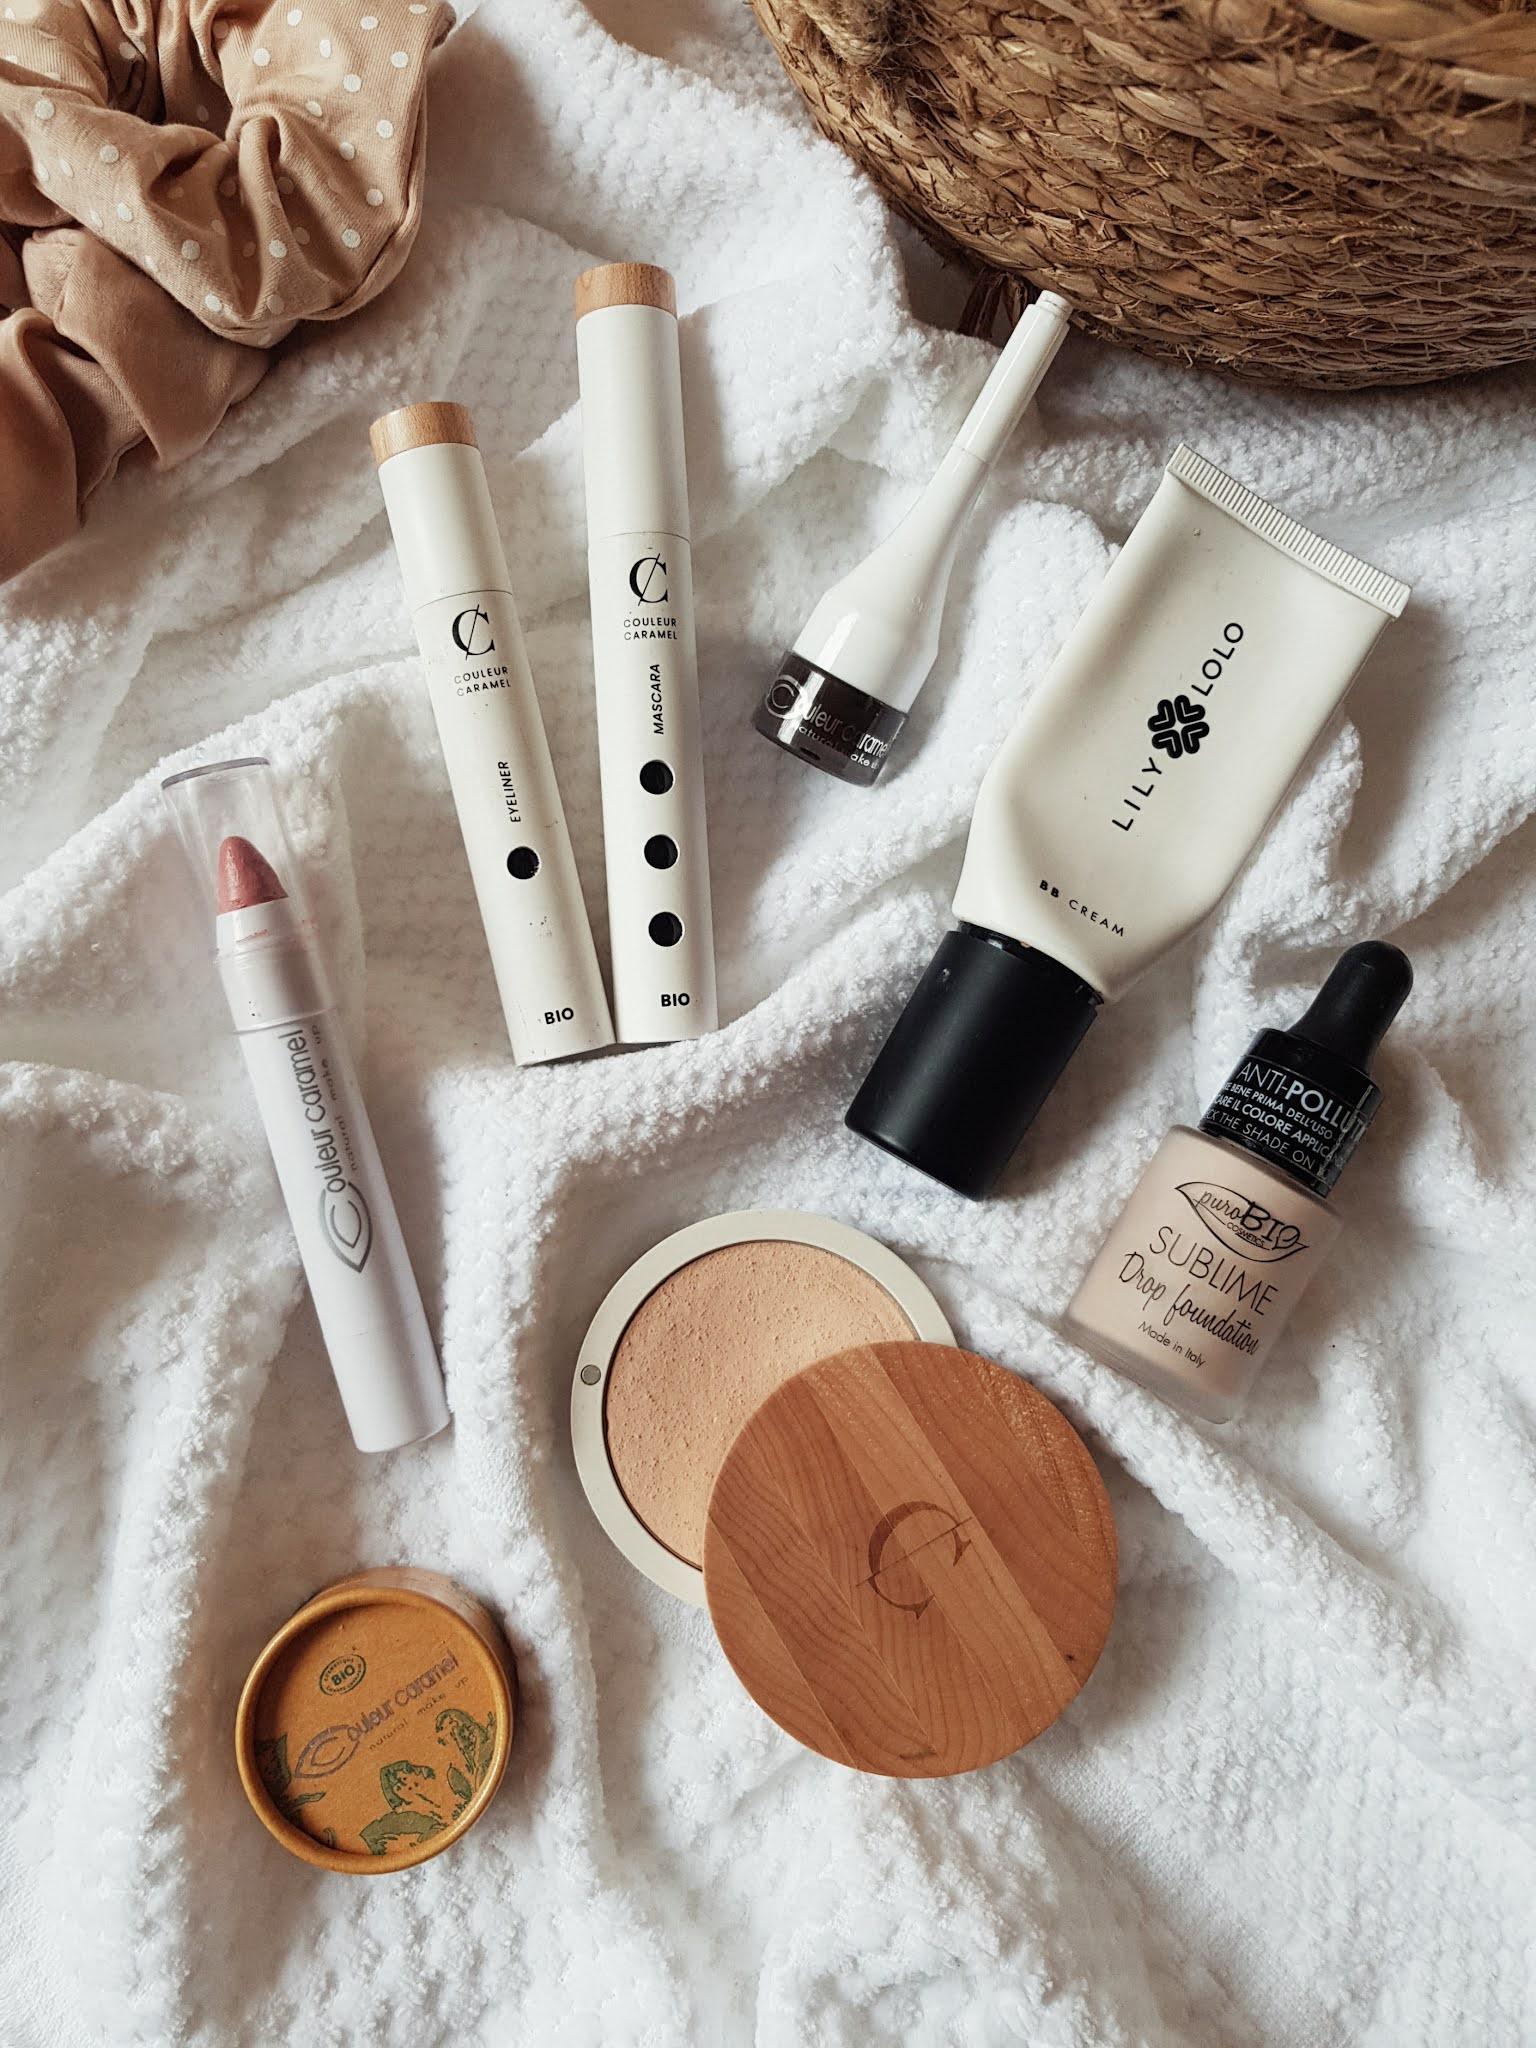 naturalne kosmetyki do makijażu, naturalna kolorówka, couleur caramel, lily lolo, purobio